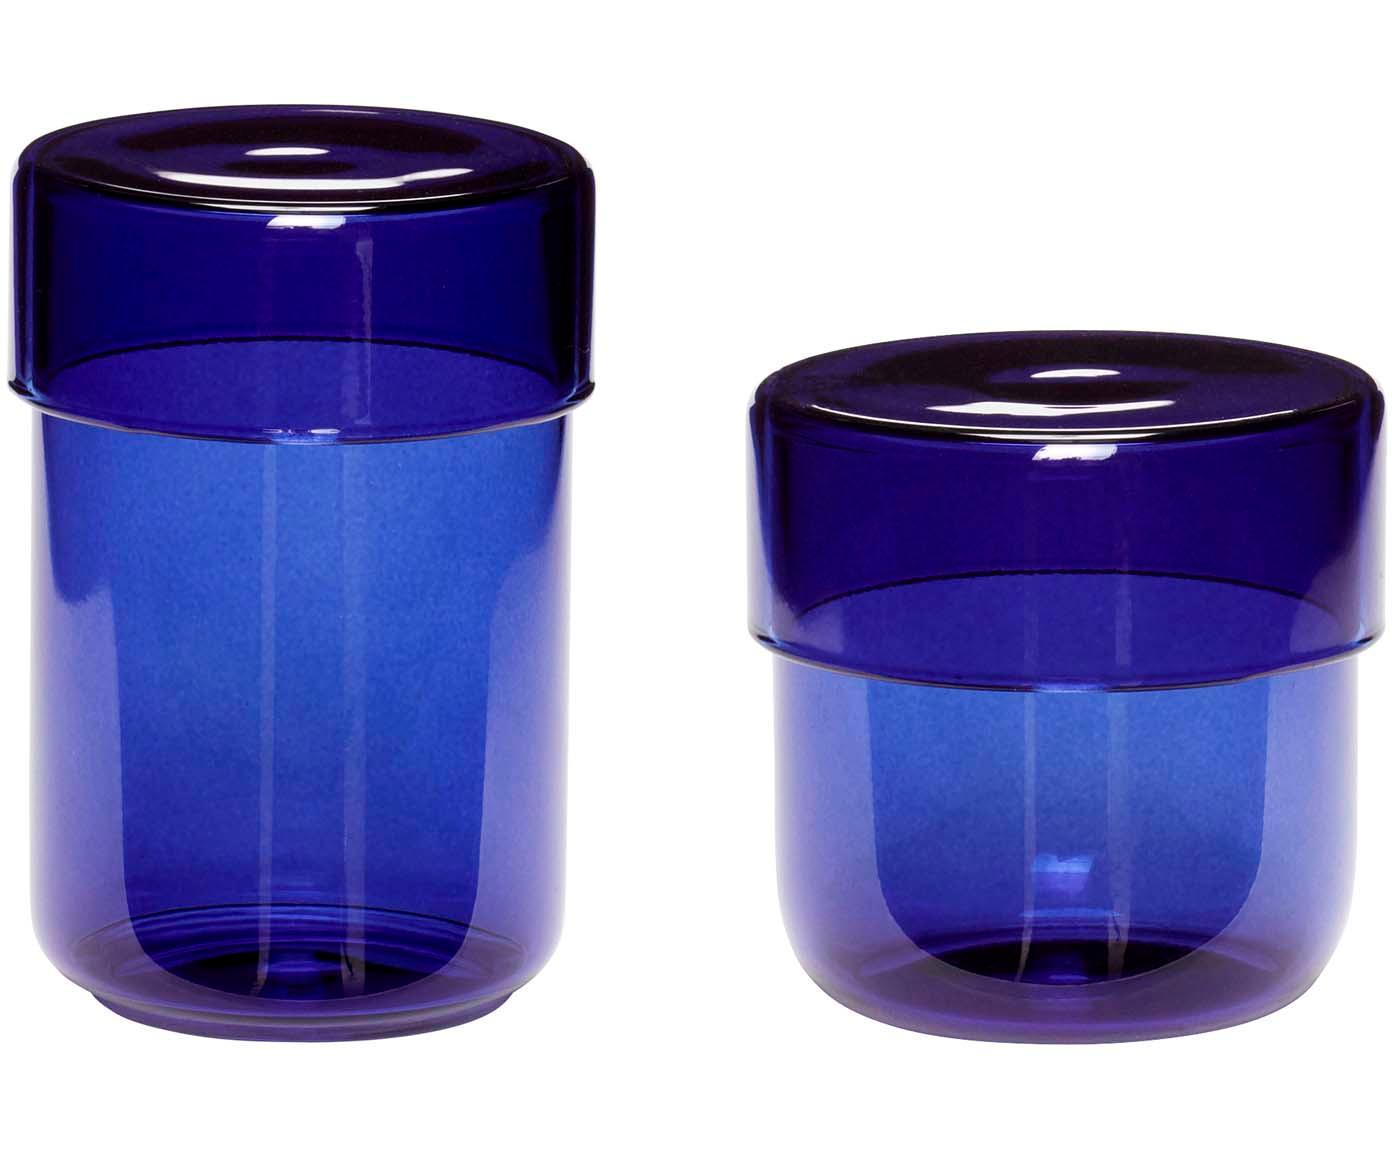 Set 2 contenitori in vetro Transisto, Vetro, Blu, Set contenitori S